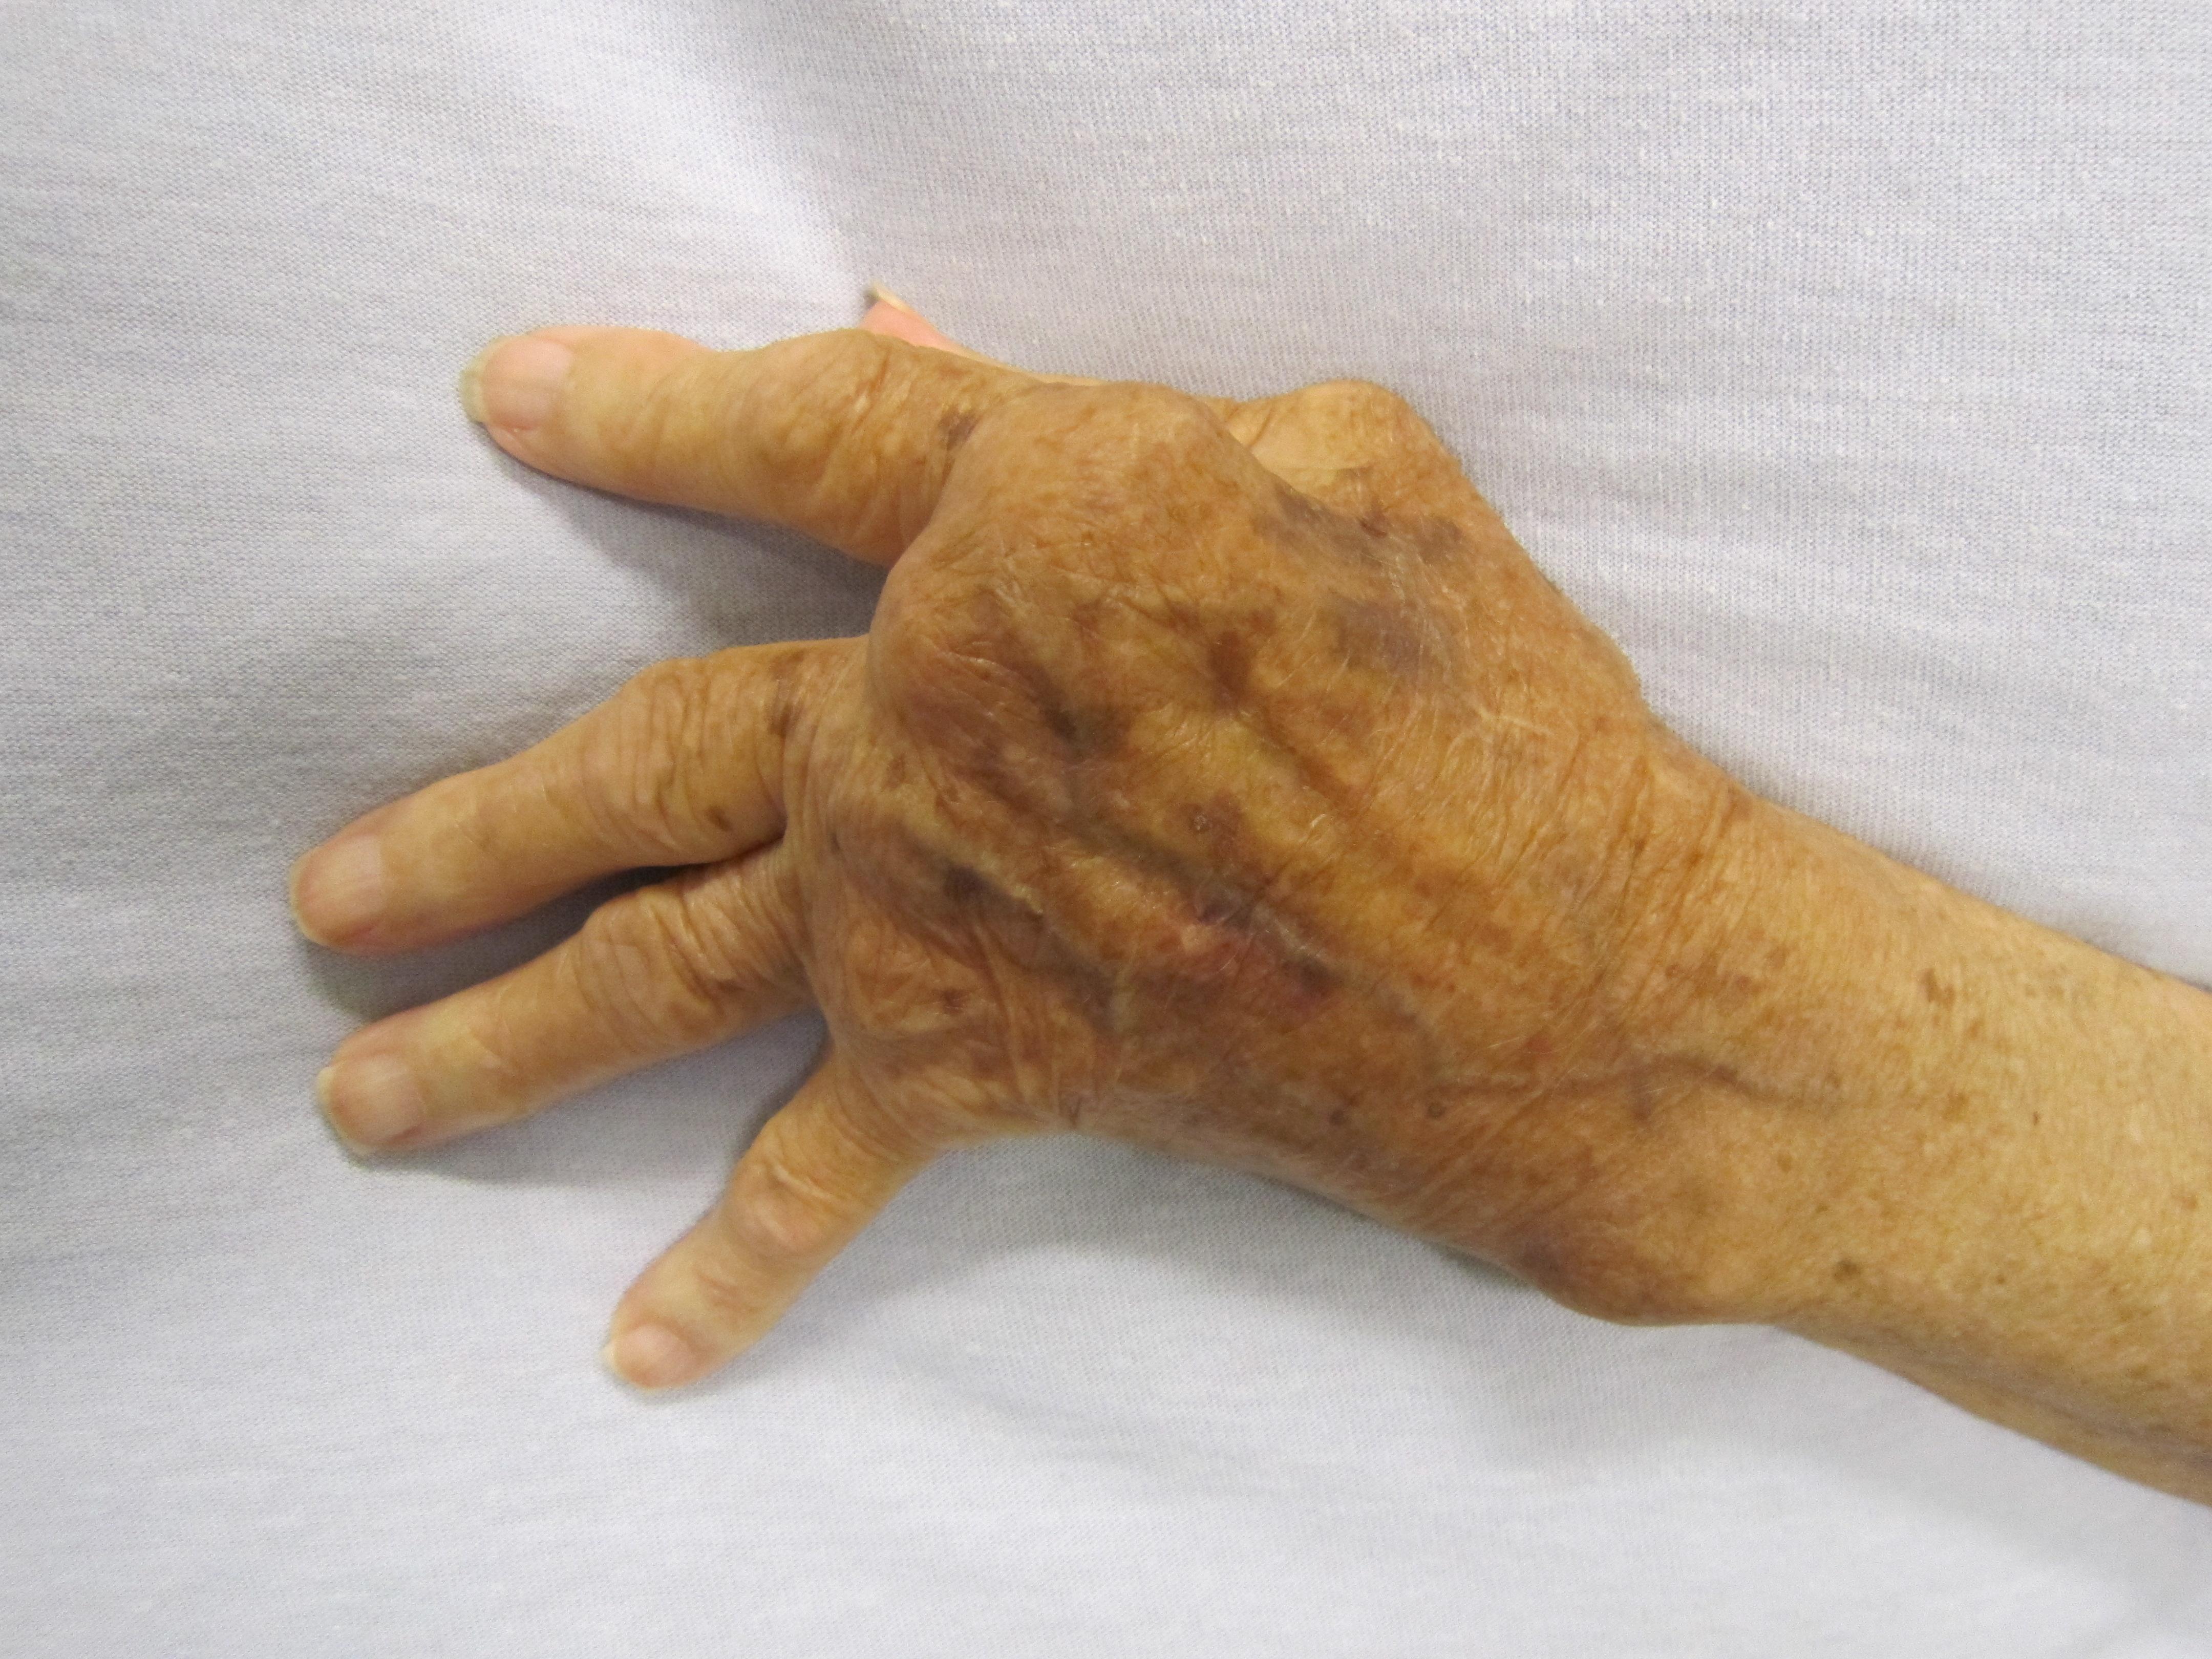 vállízület diszlokációjának kezelése csukló és ujjak ízületeinek kezelése